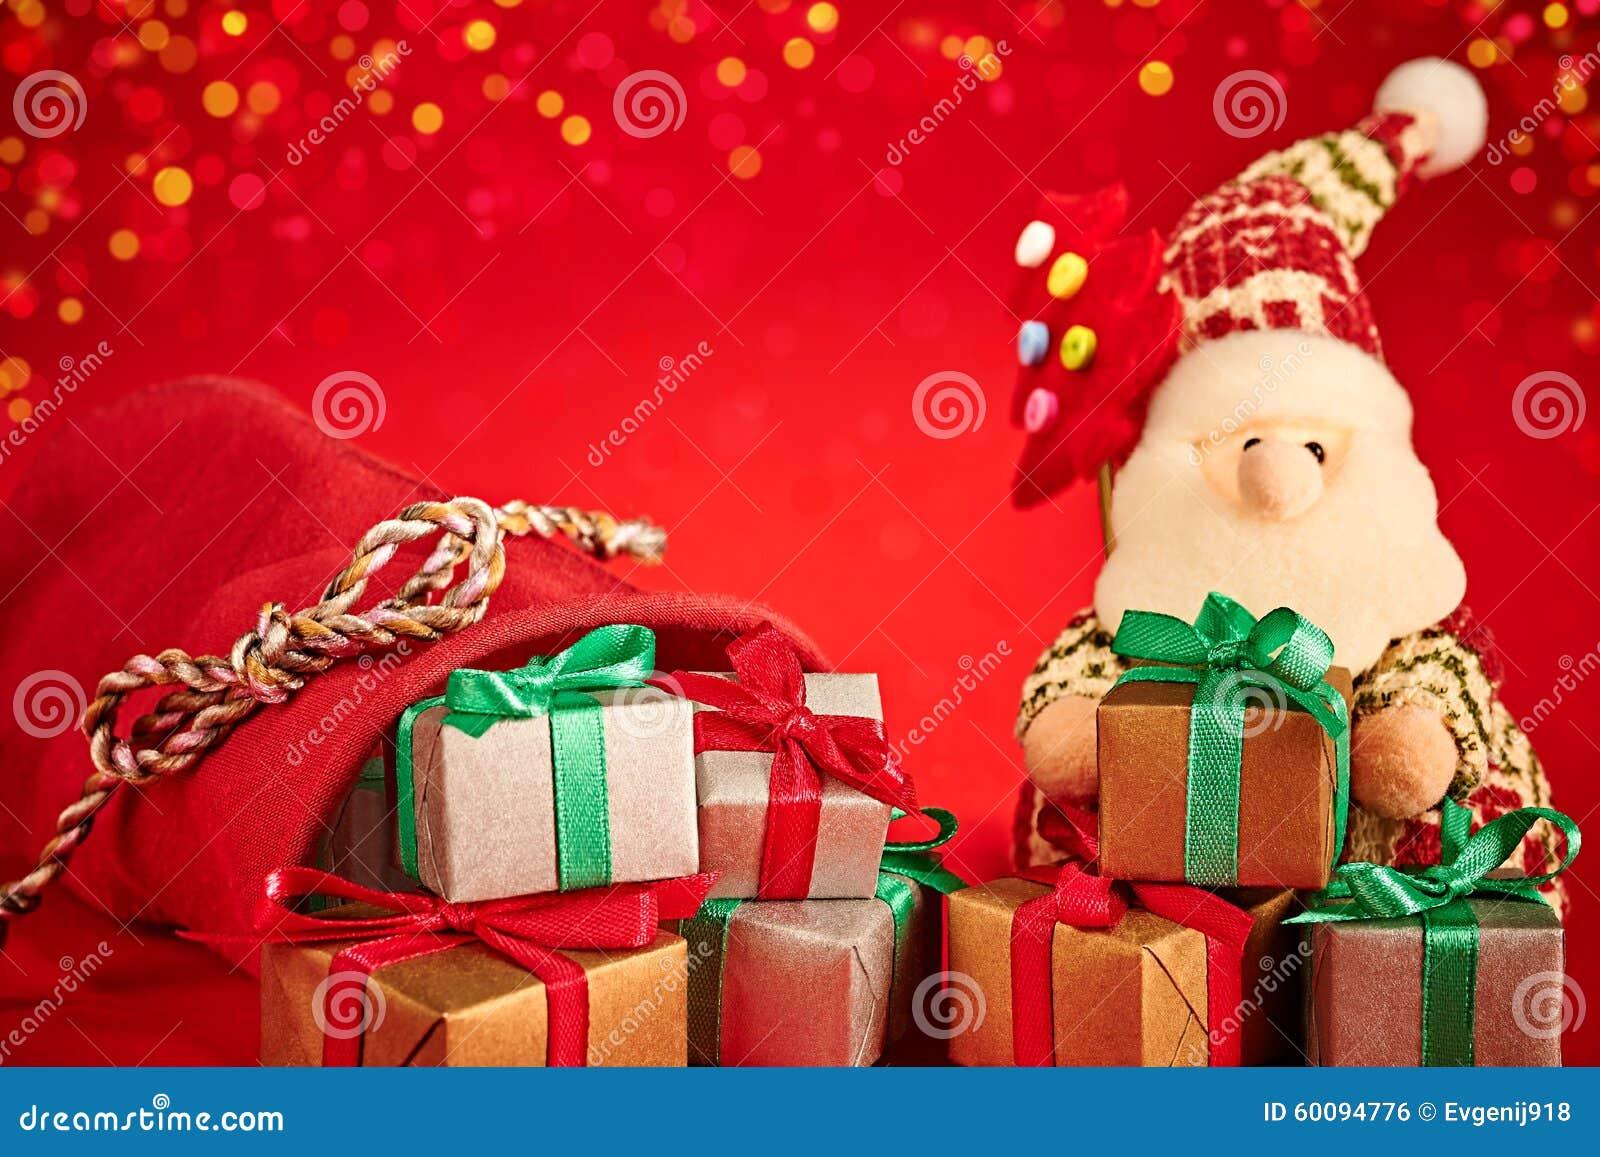 Neues Jahr 2016 Frohe Weihnachten Santa Claus Und Stockfoto - Bild ...